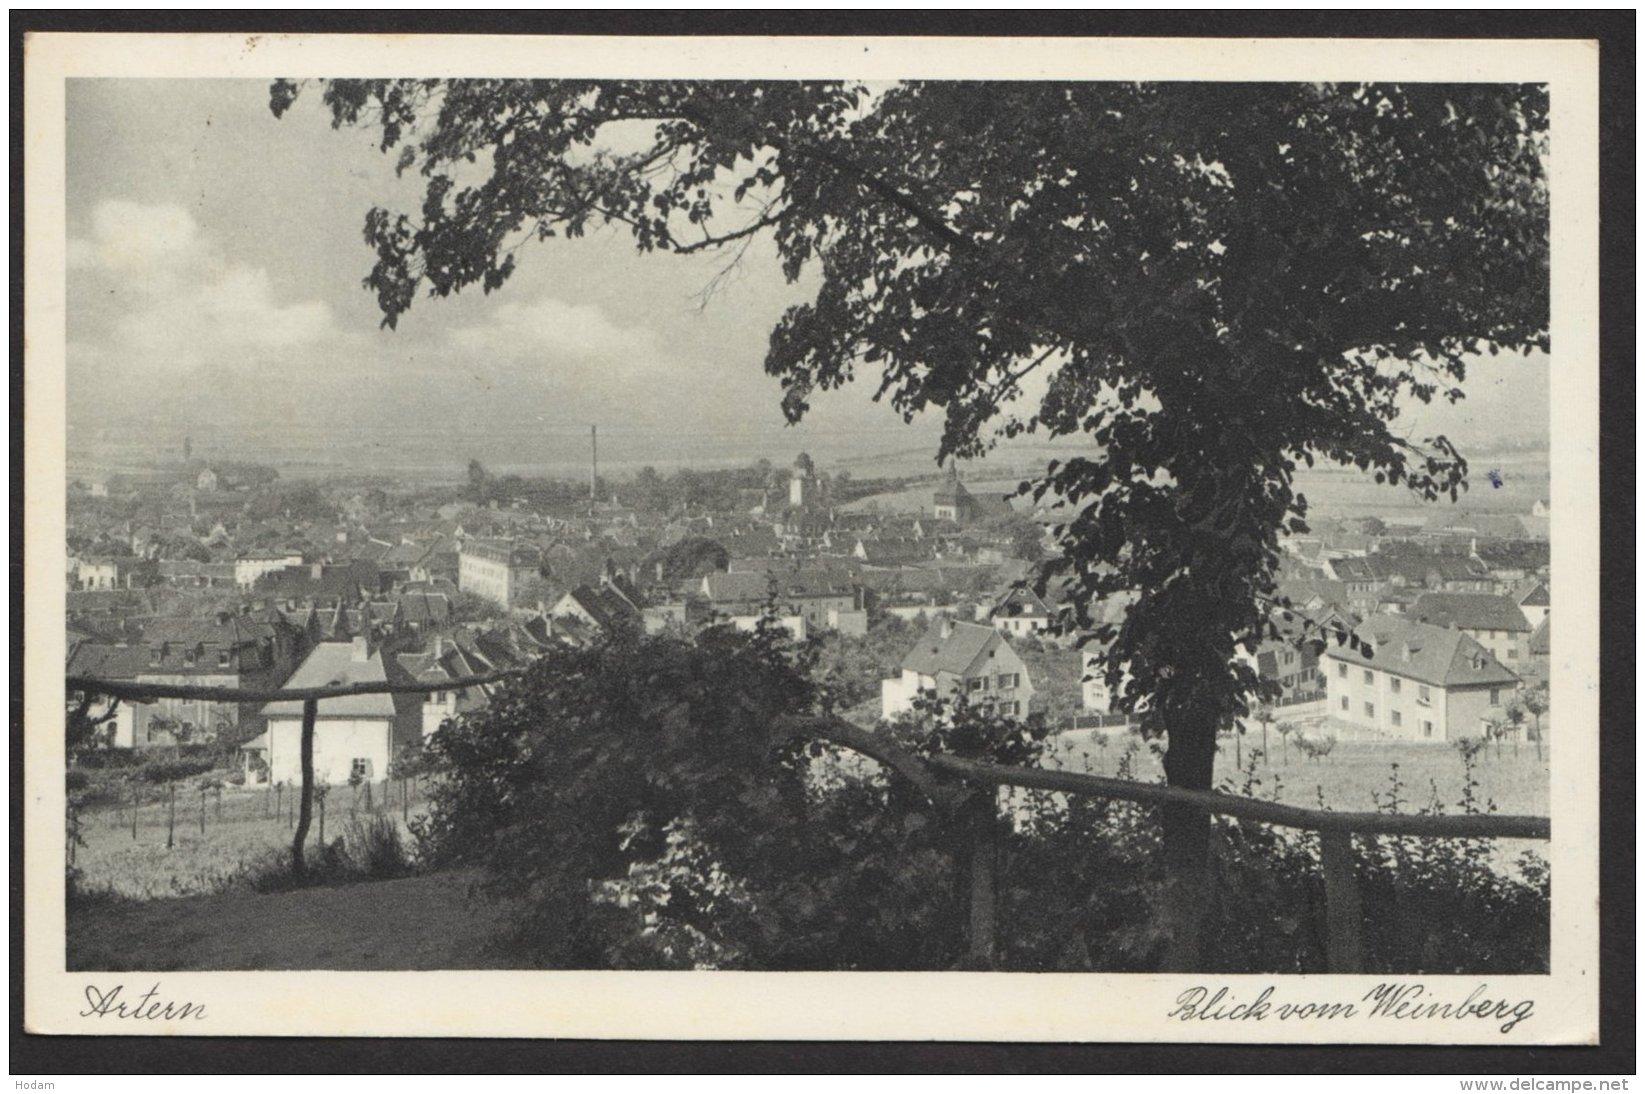 """""""Artern"""" ,Blick Vom Weinberg,l 1951 Gelaufen - Deutschland"""